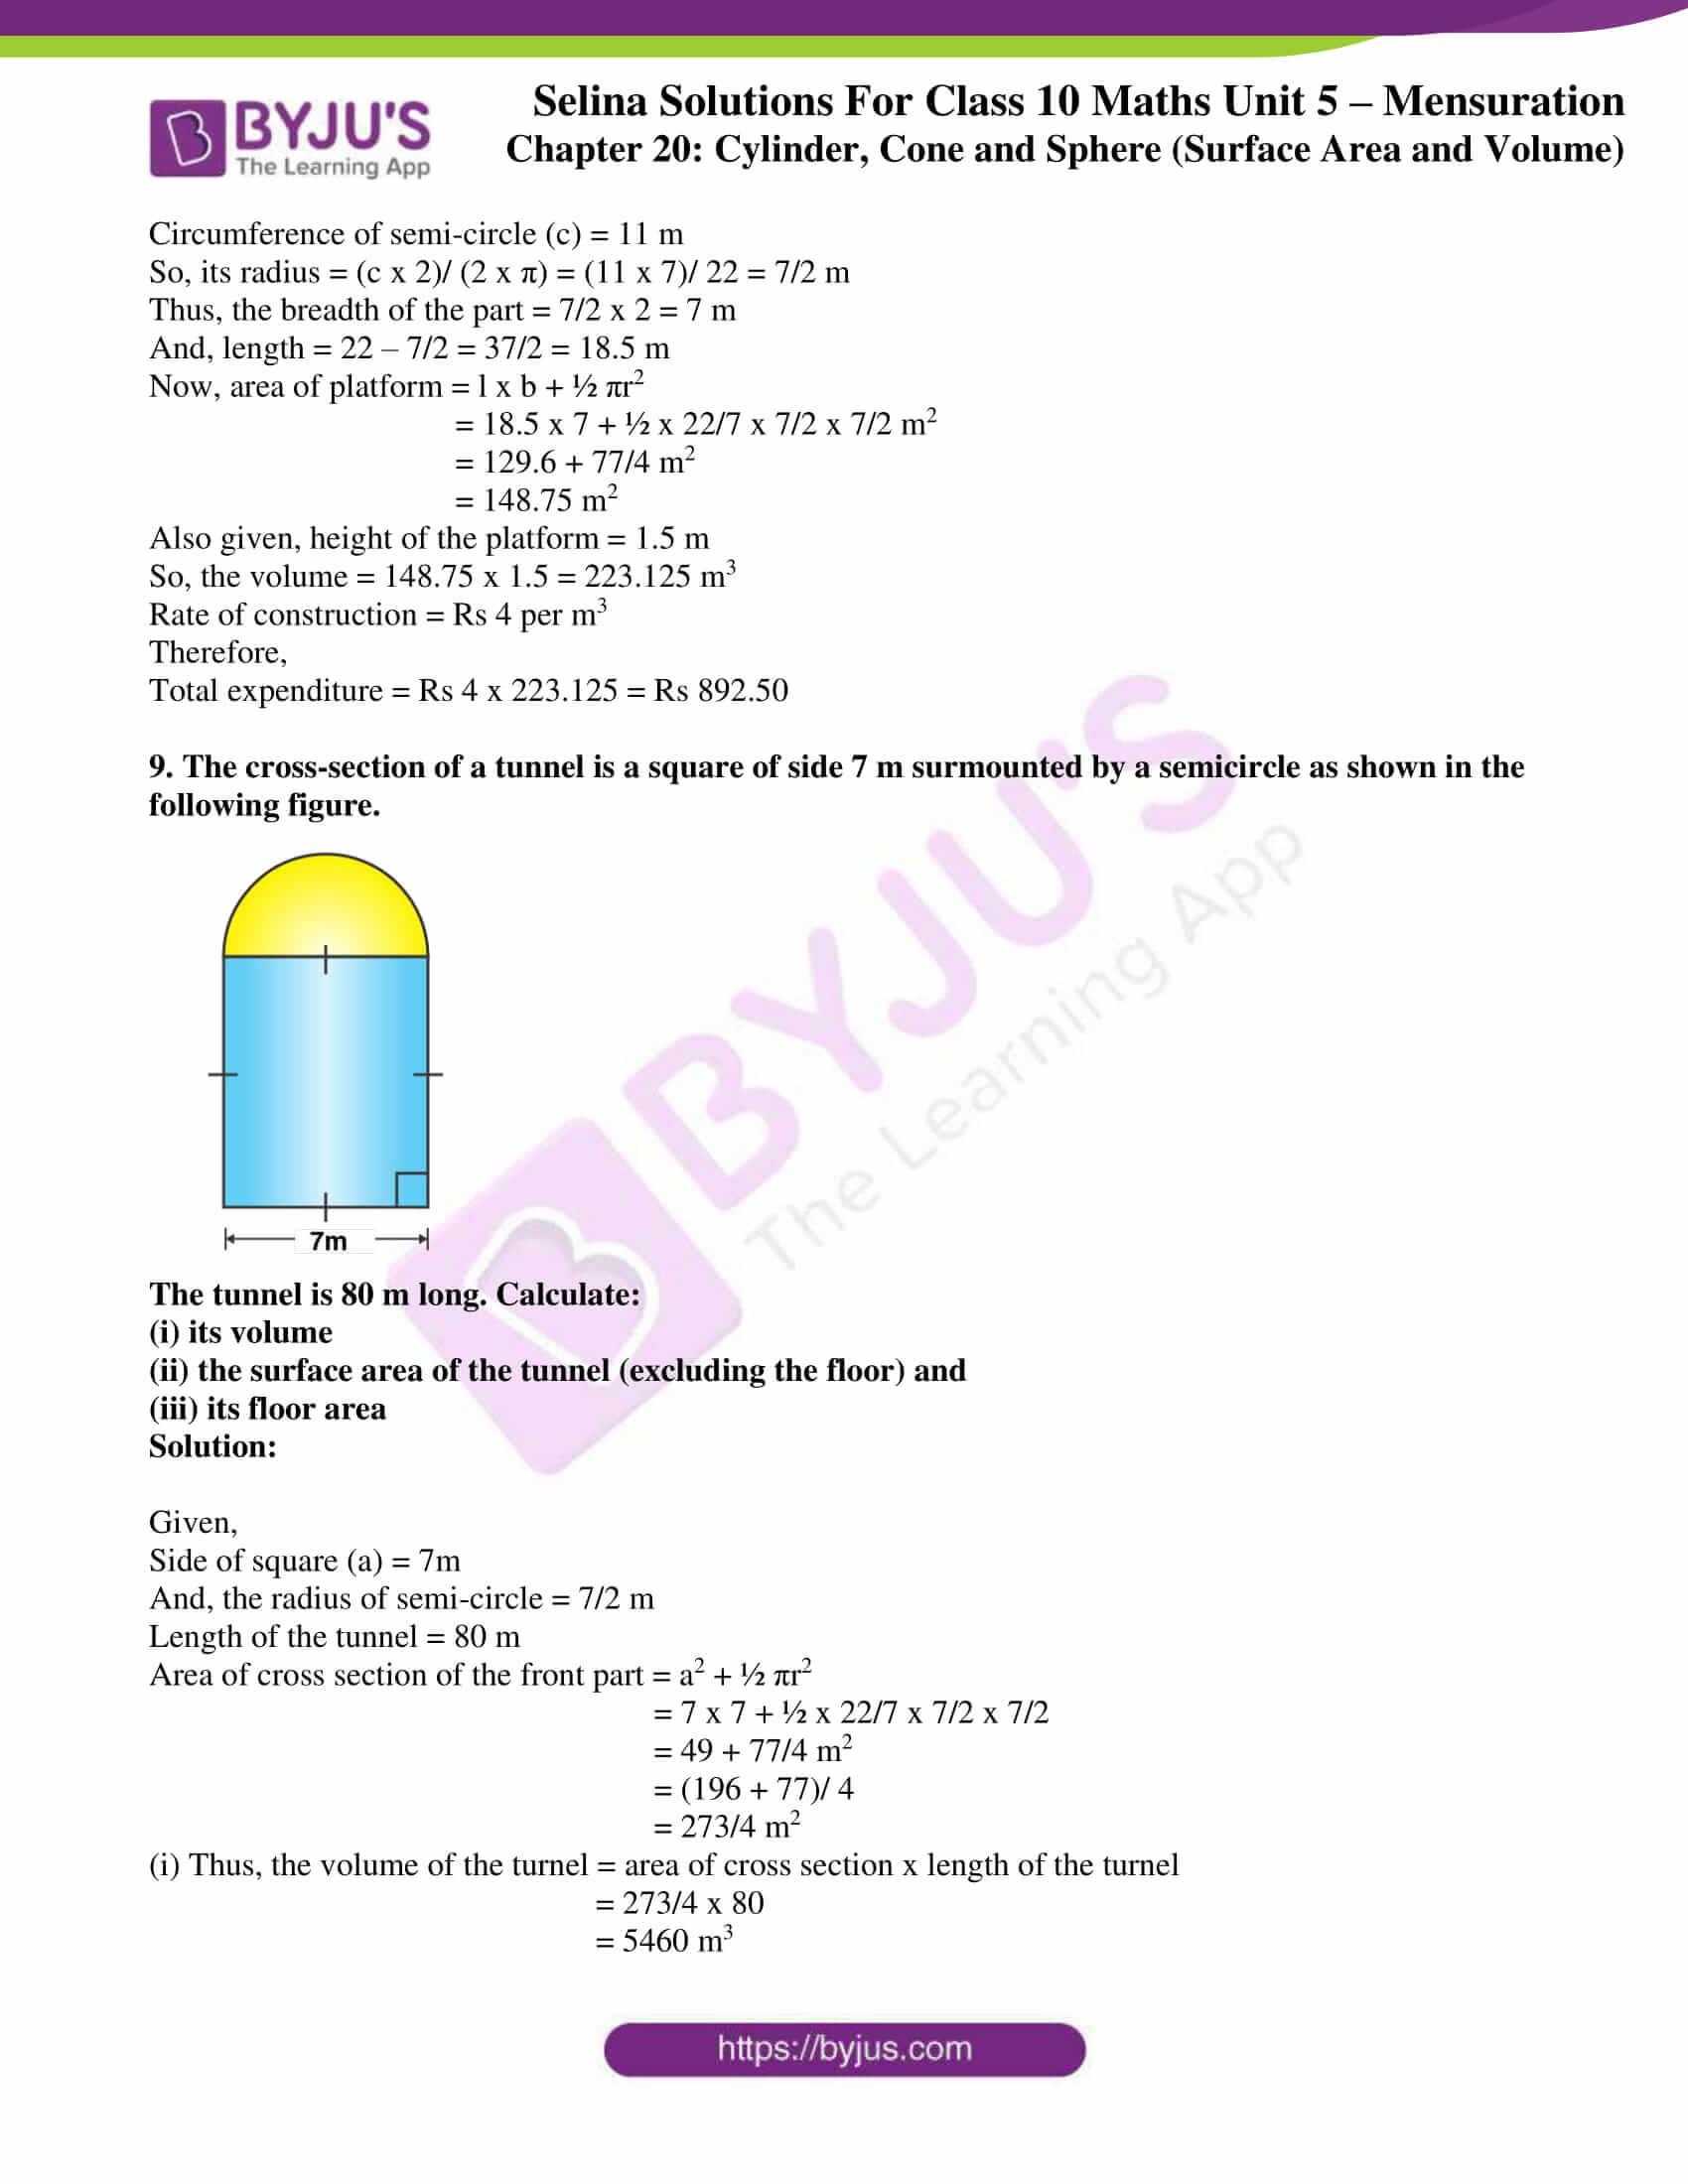 selina-sol-maths-class-10-ch-20-ex-g-4